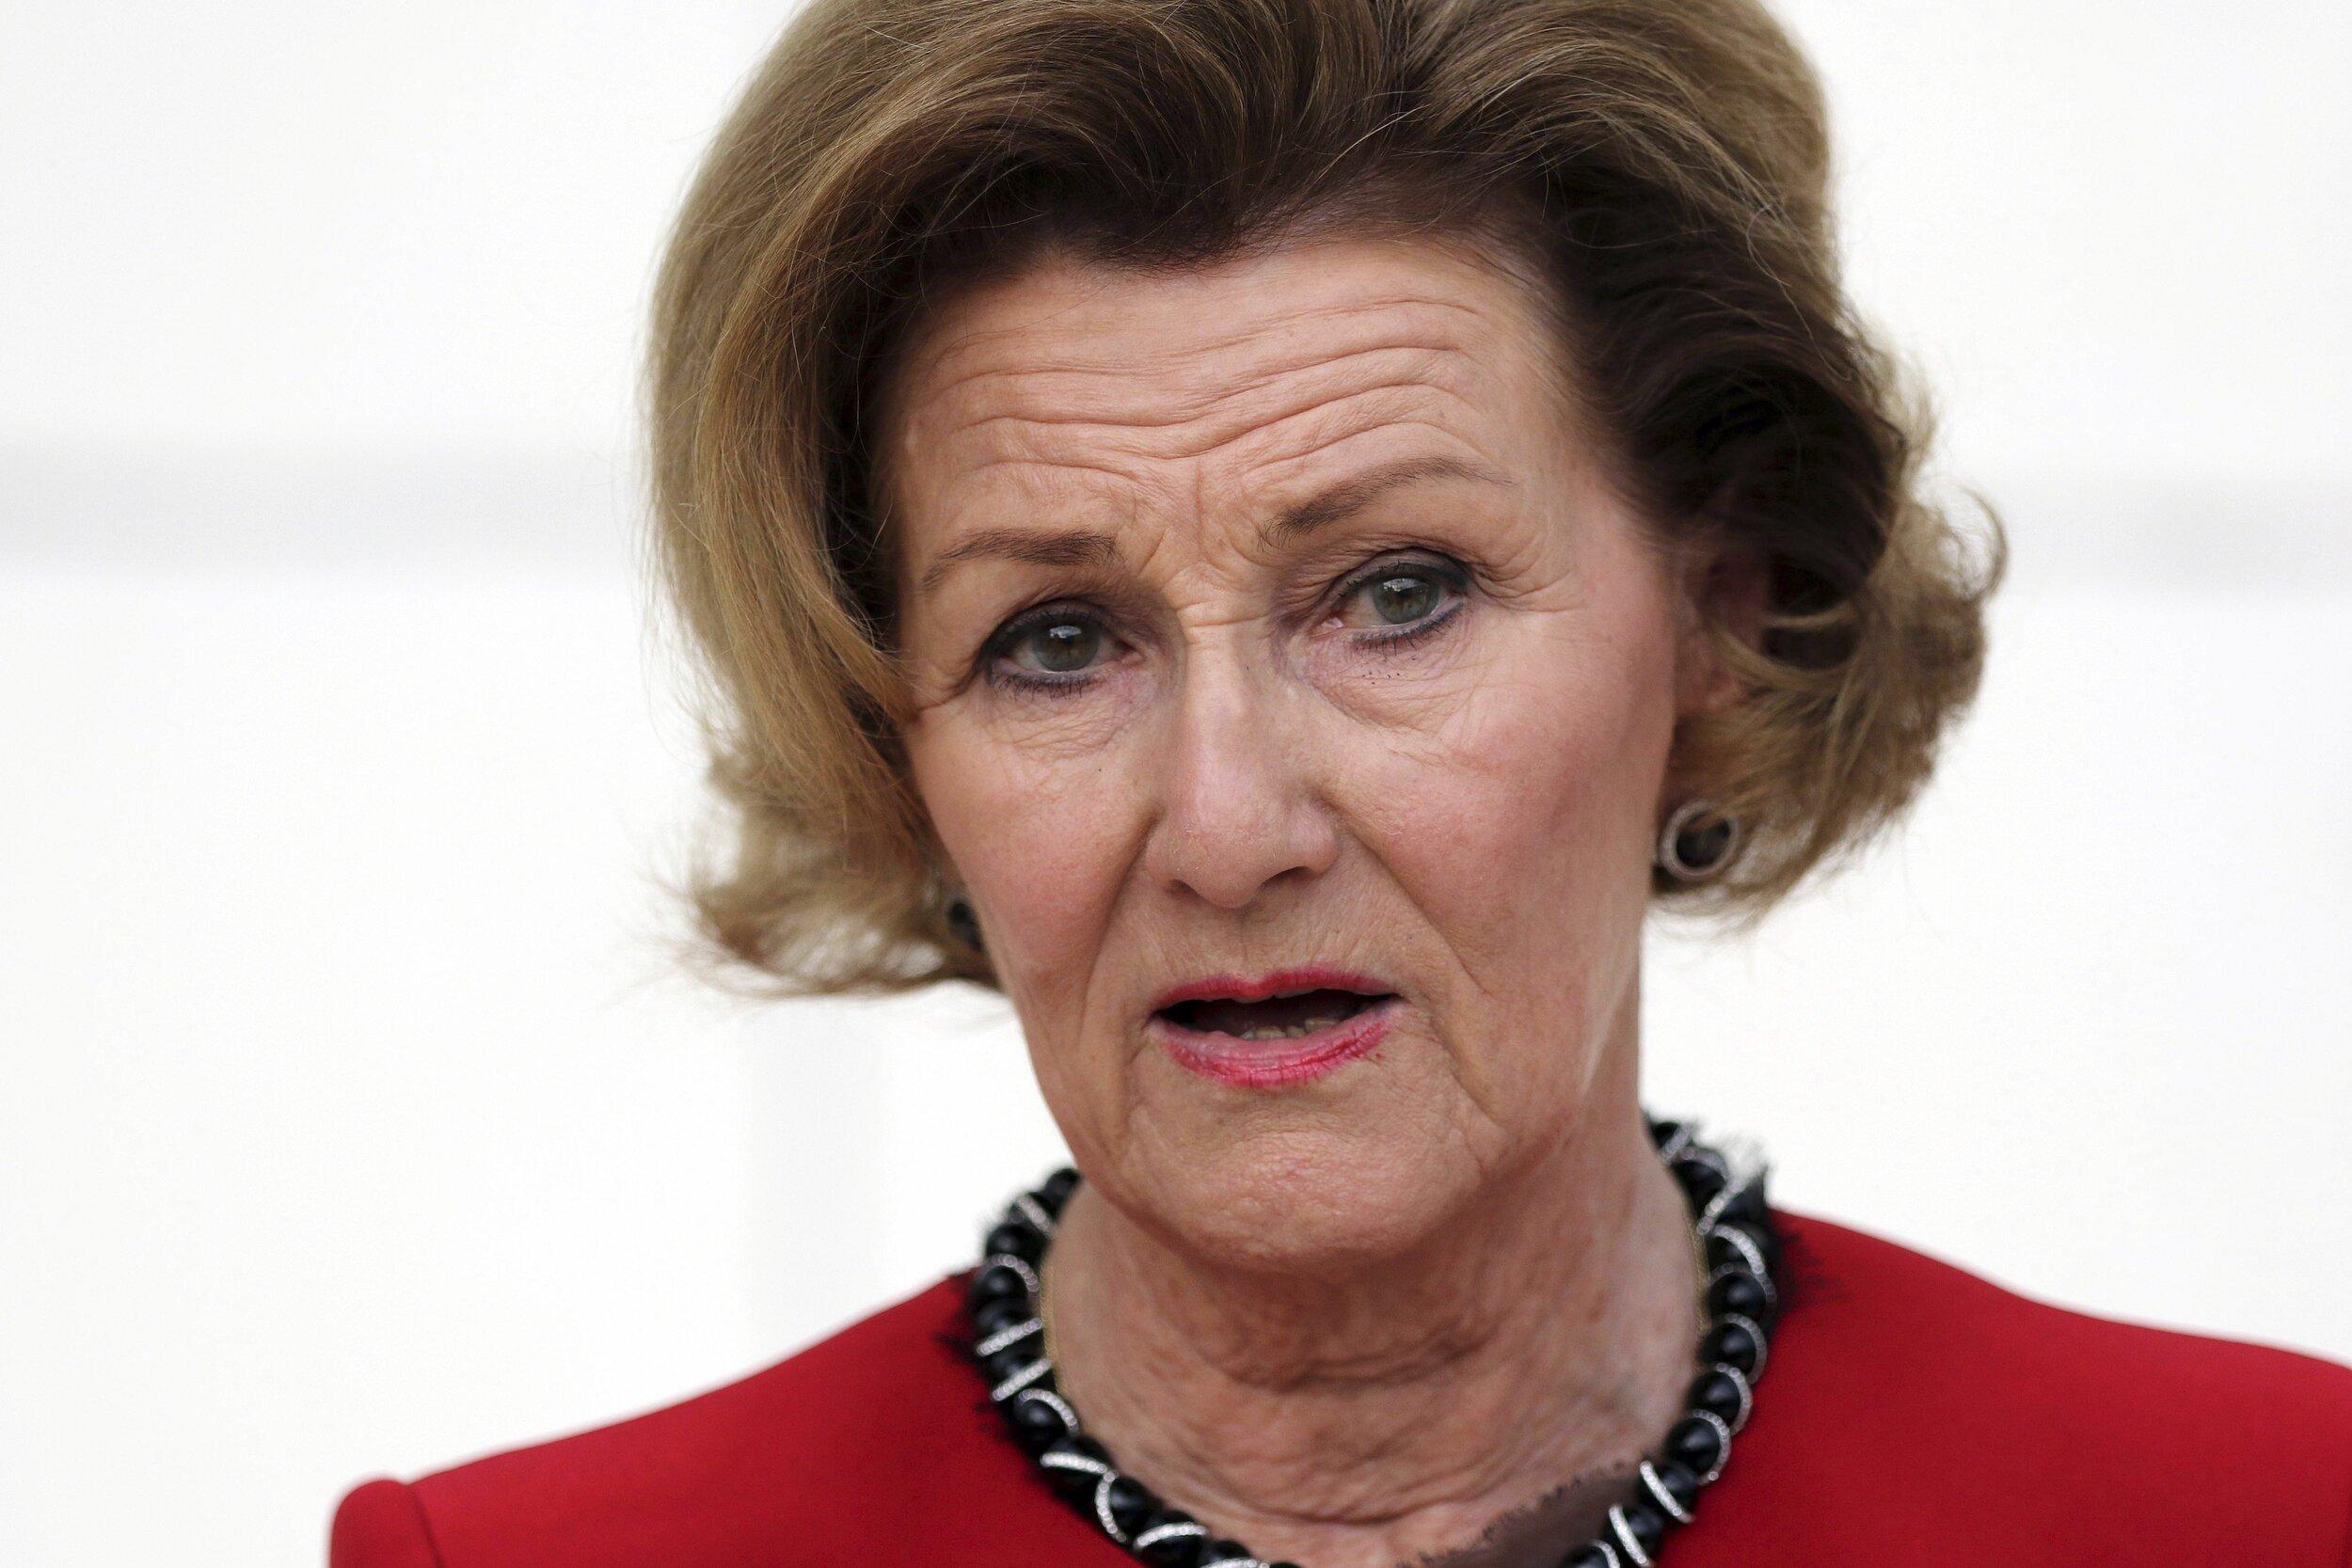 Königin Sonja ist erschüttert über den Selbstmord von Ari Behn. © picture alliance / AP Photo